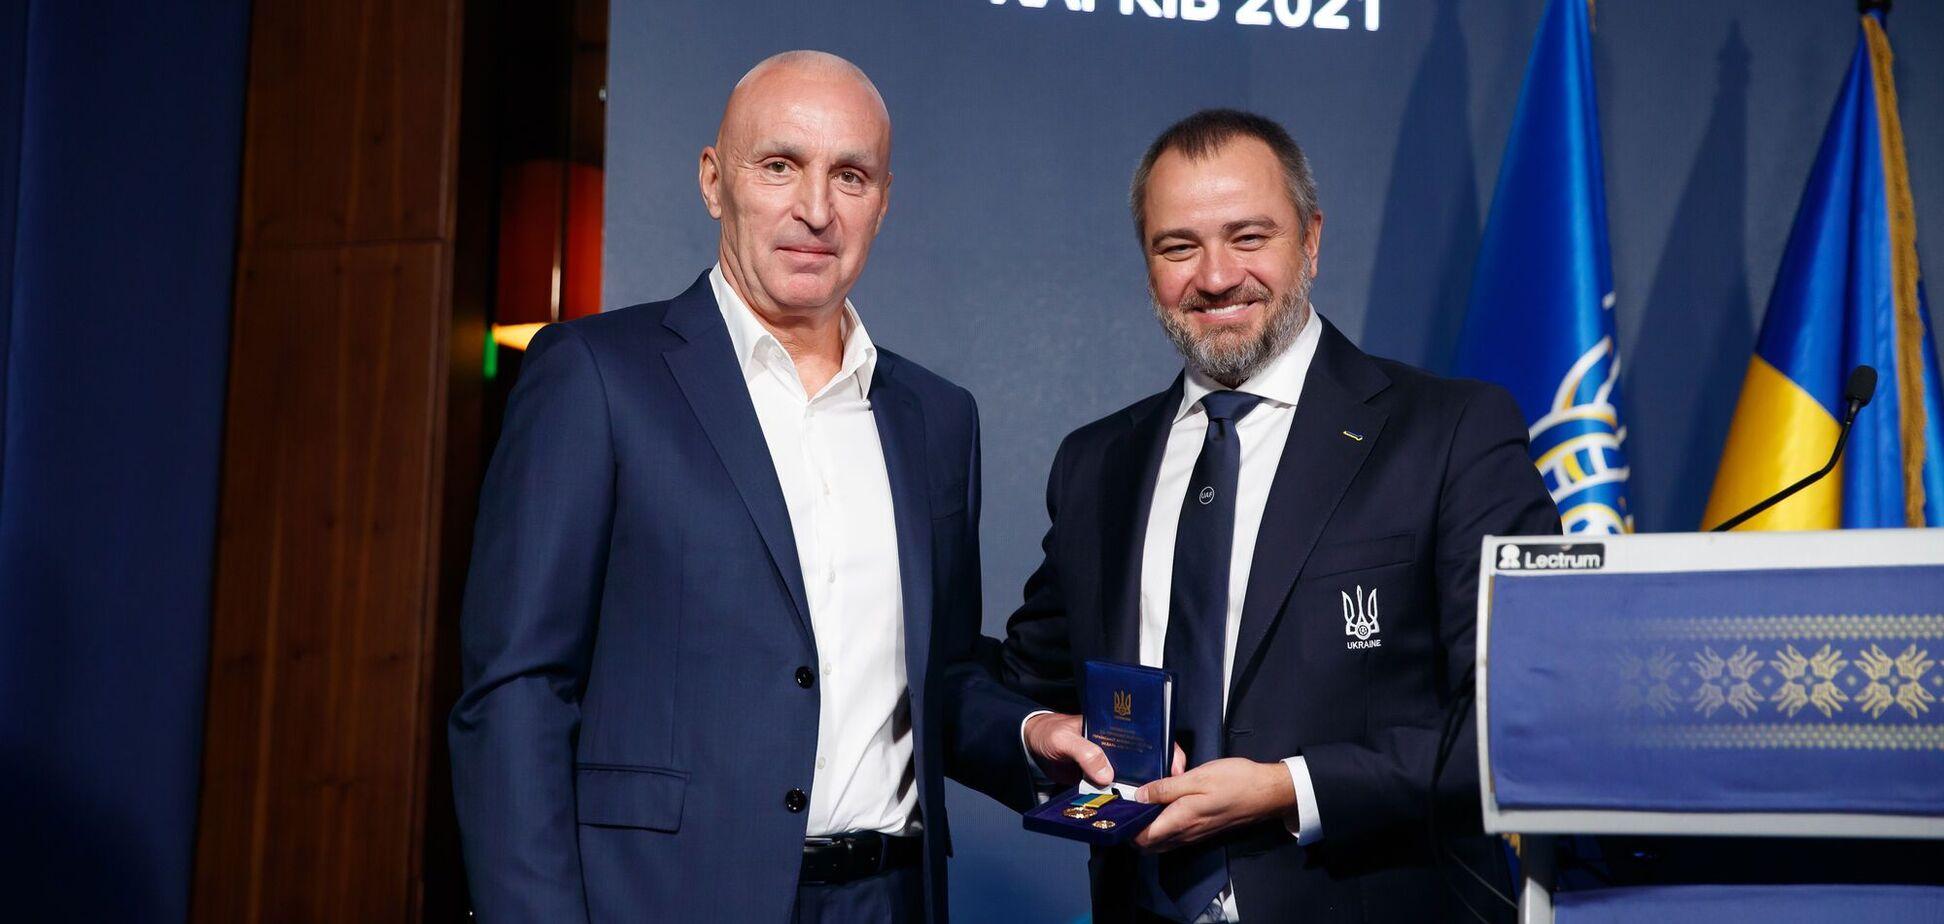 На конгресі УАФ Ярославського нагородили орденом 'За заслуги'